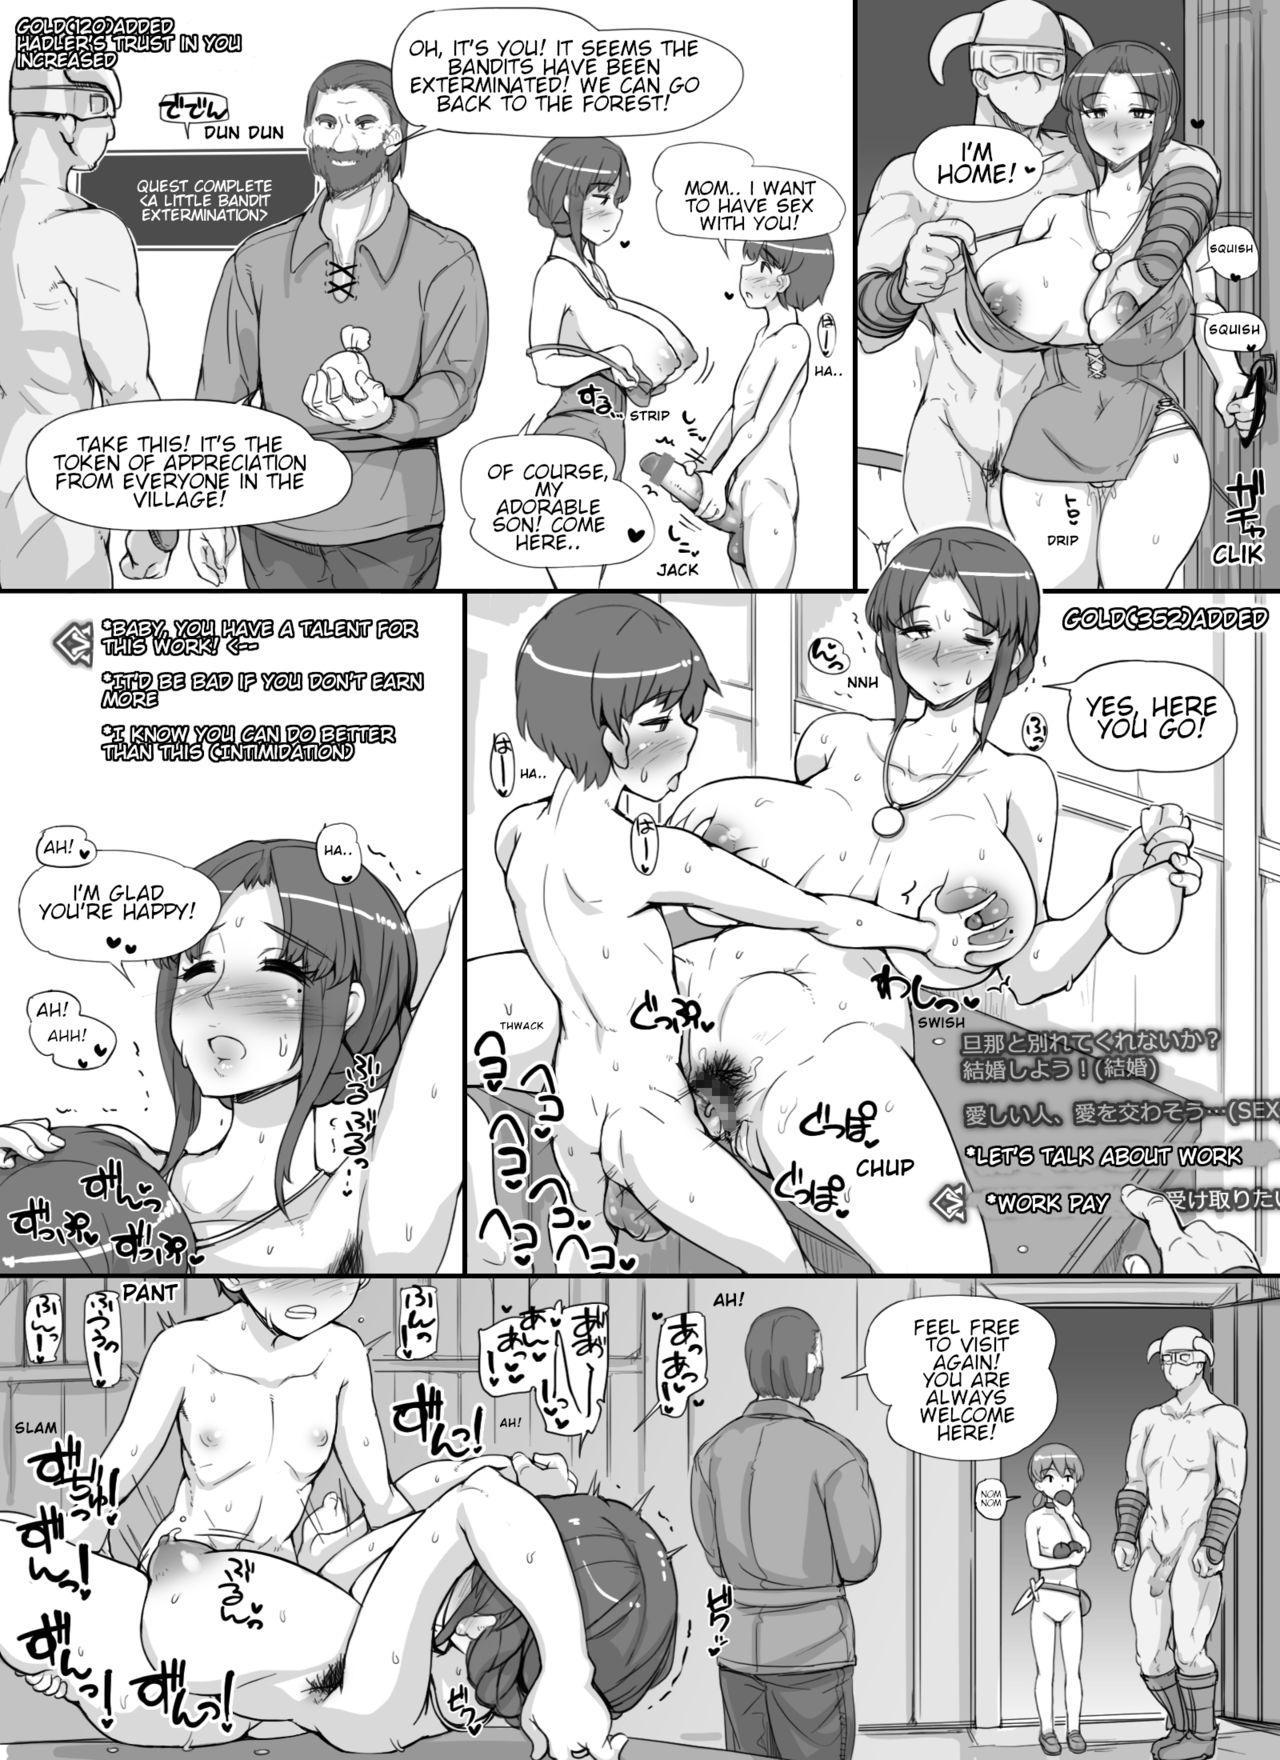 NPC Kan MOD | NPC Rape MOD + Omake 26